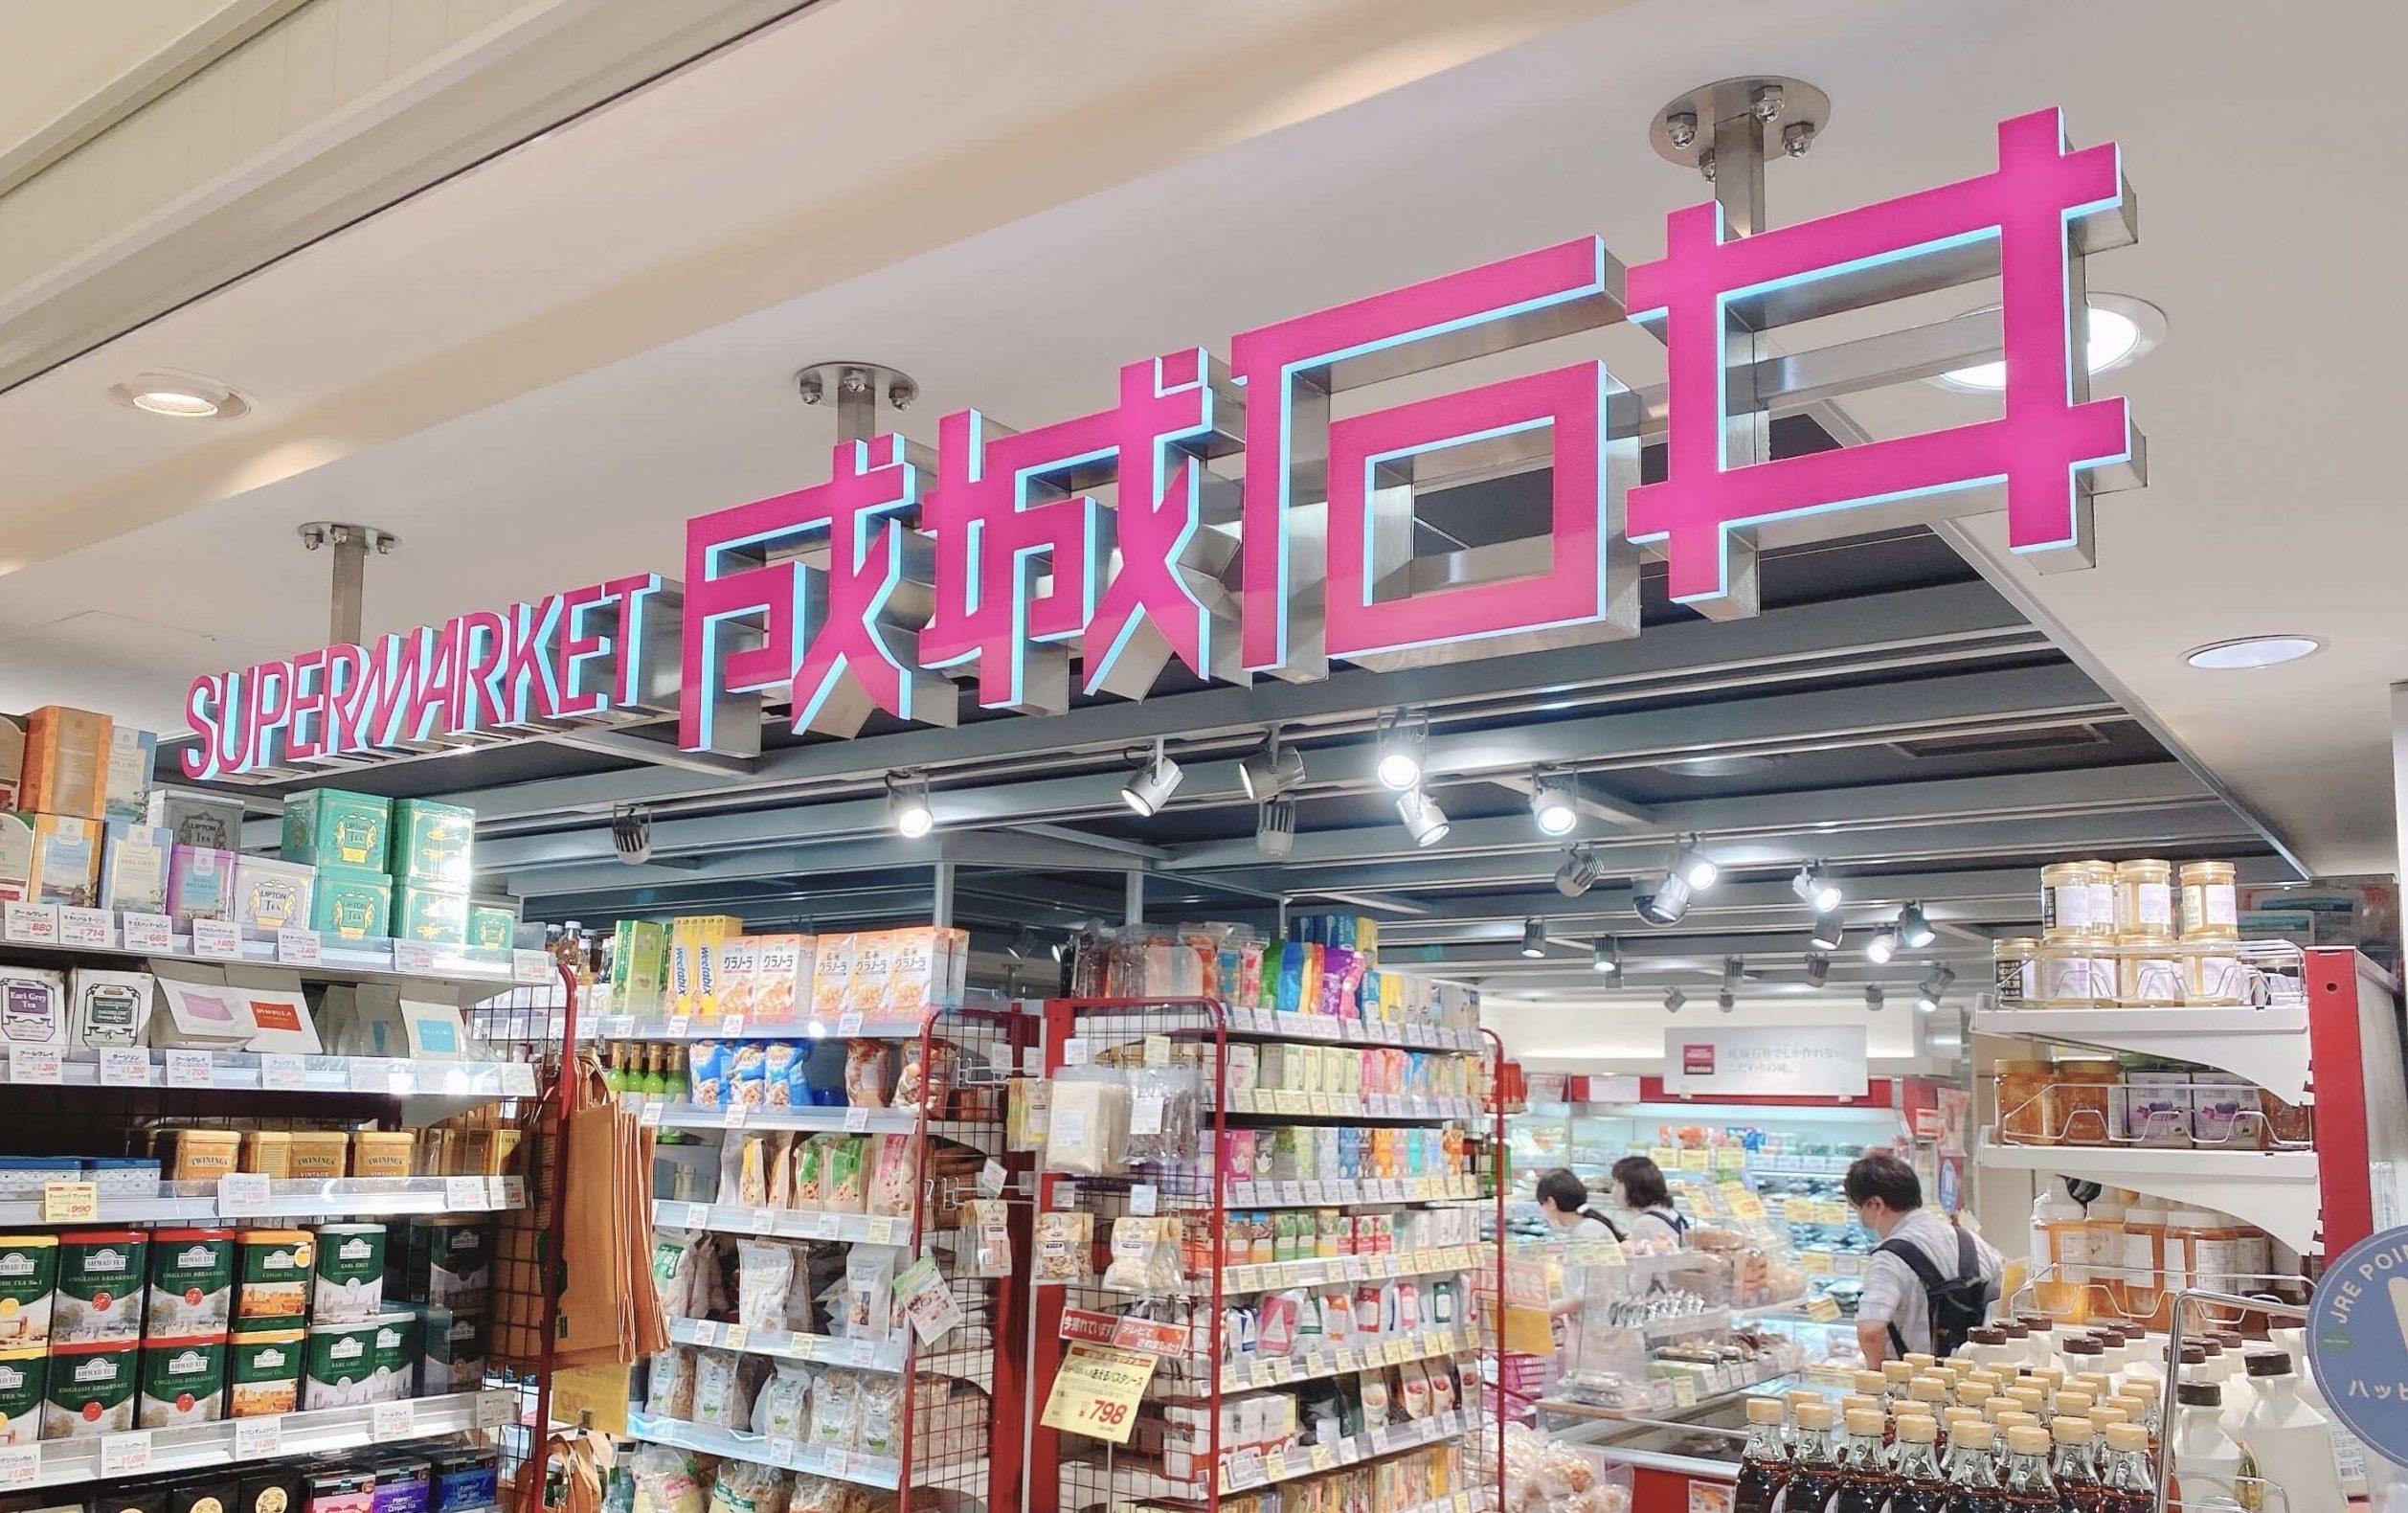 成城石井の店舗の入り口